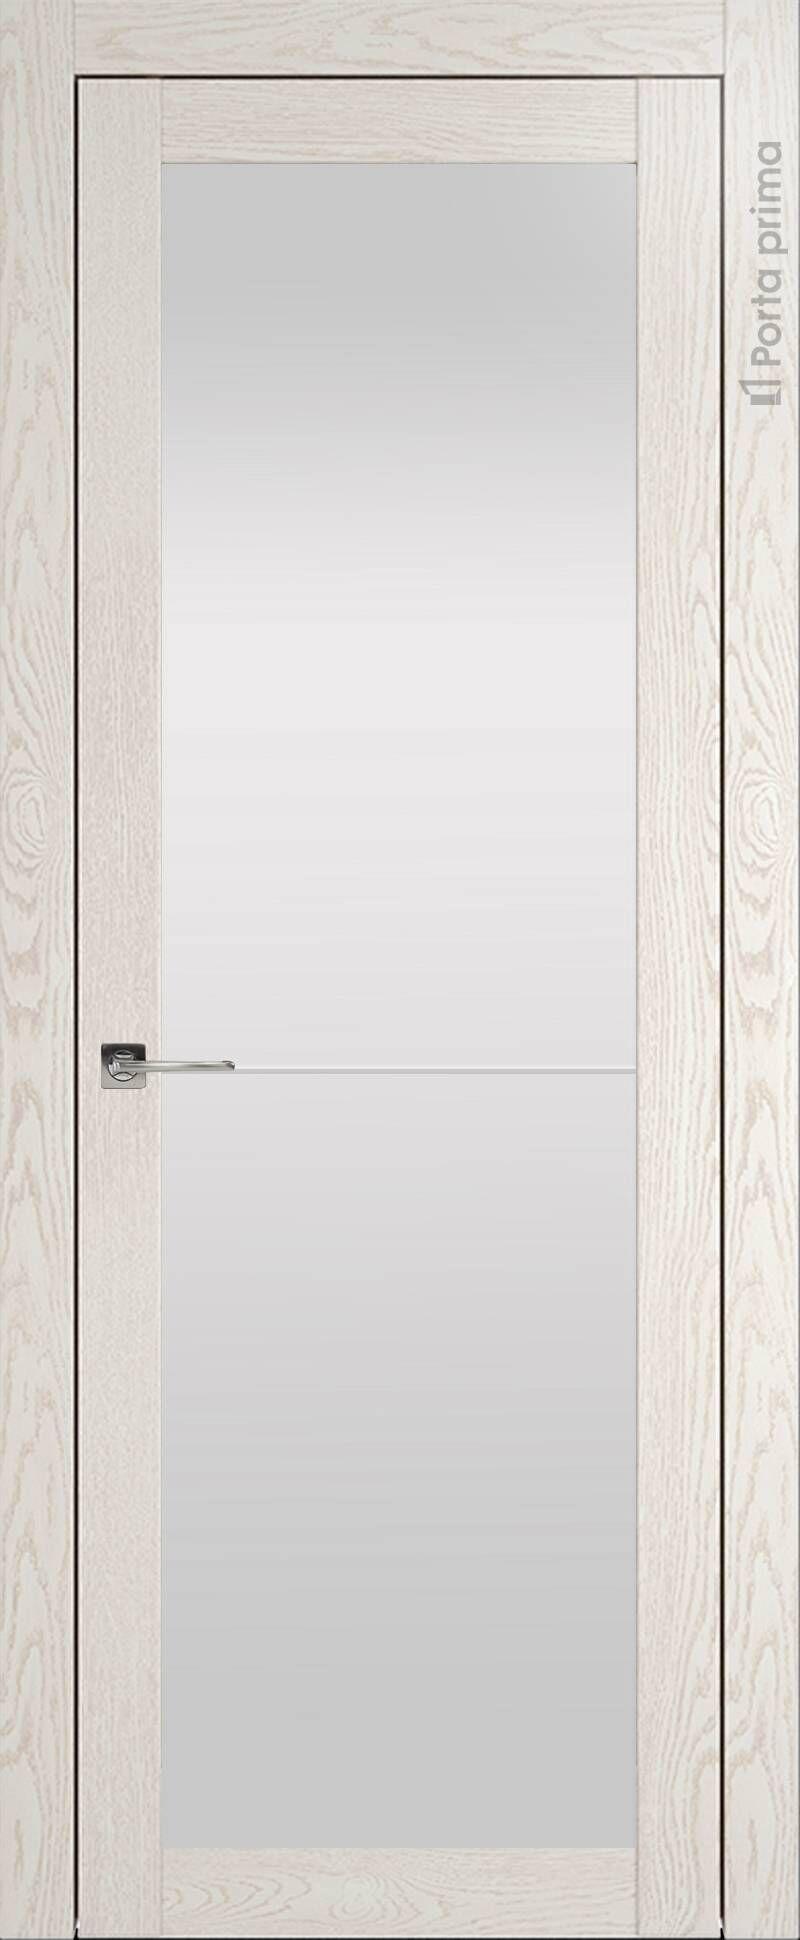 Tivoli З-2 цвет - Белый ясень (nano-flex) Со стеклом (ДО)